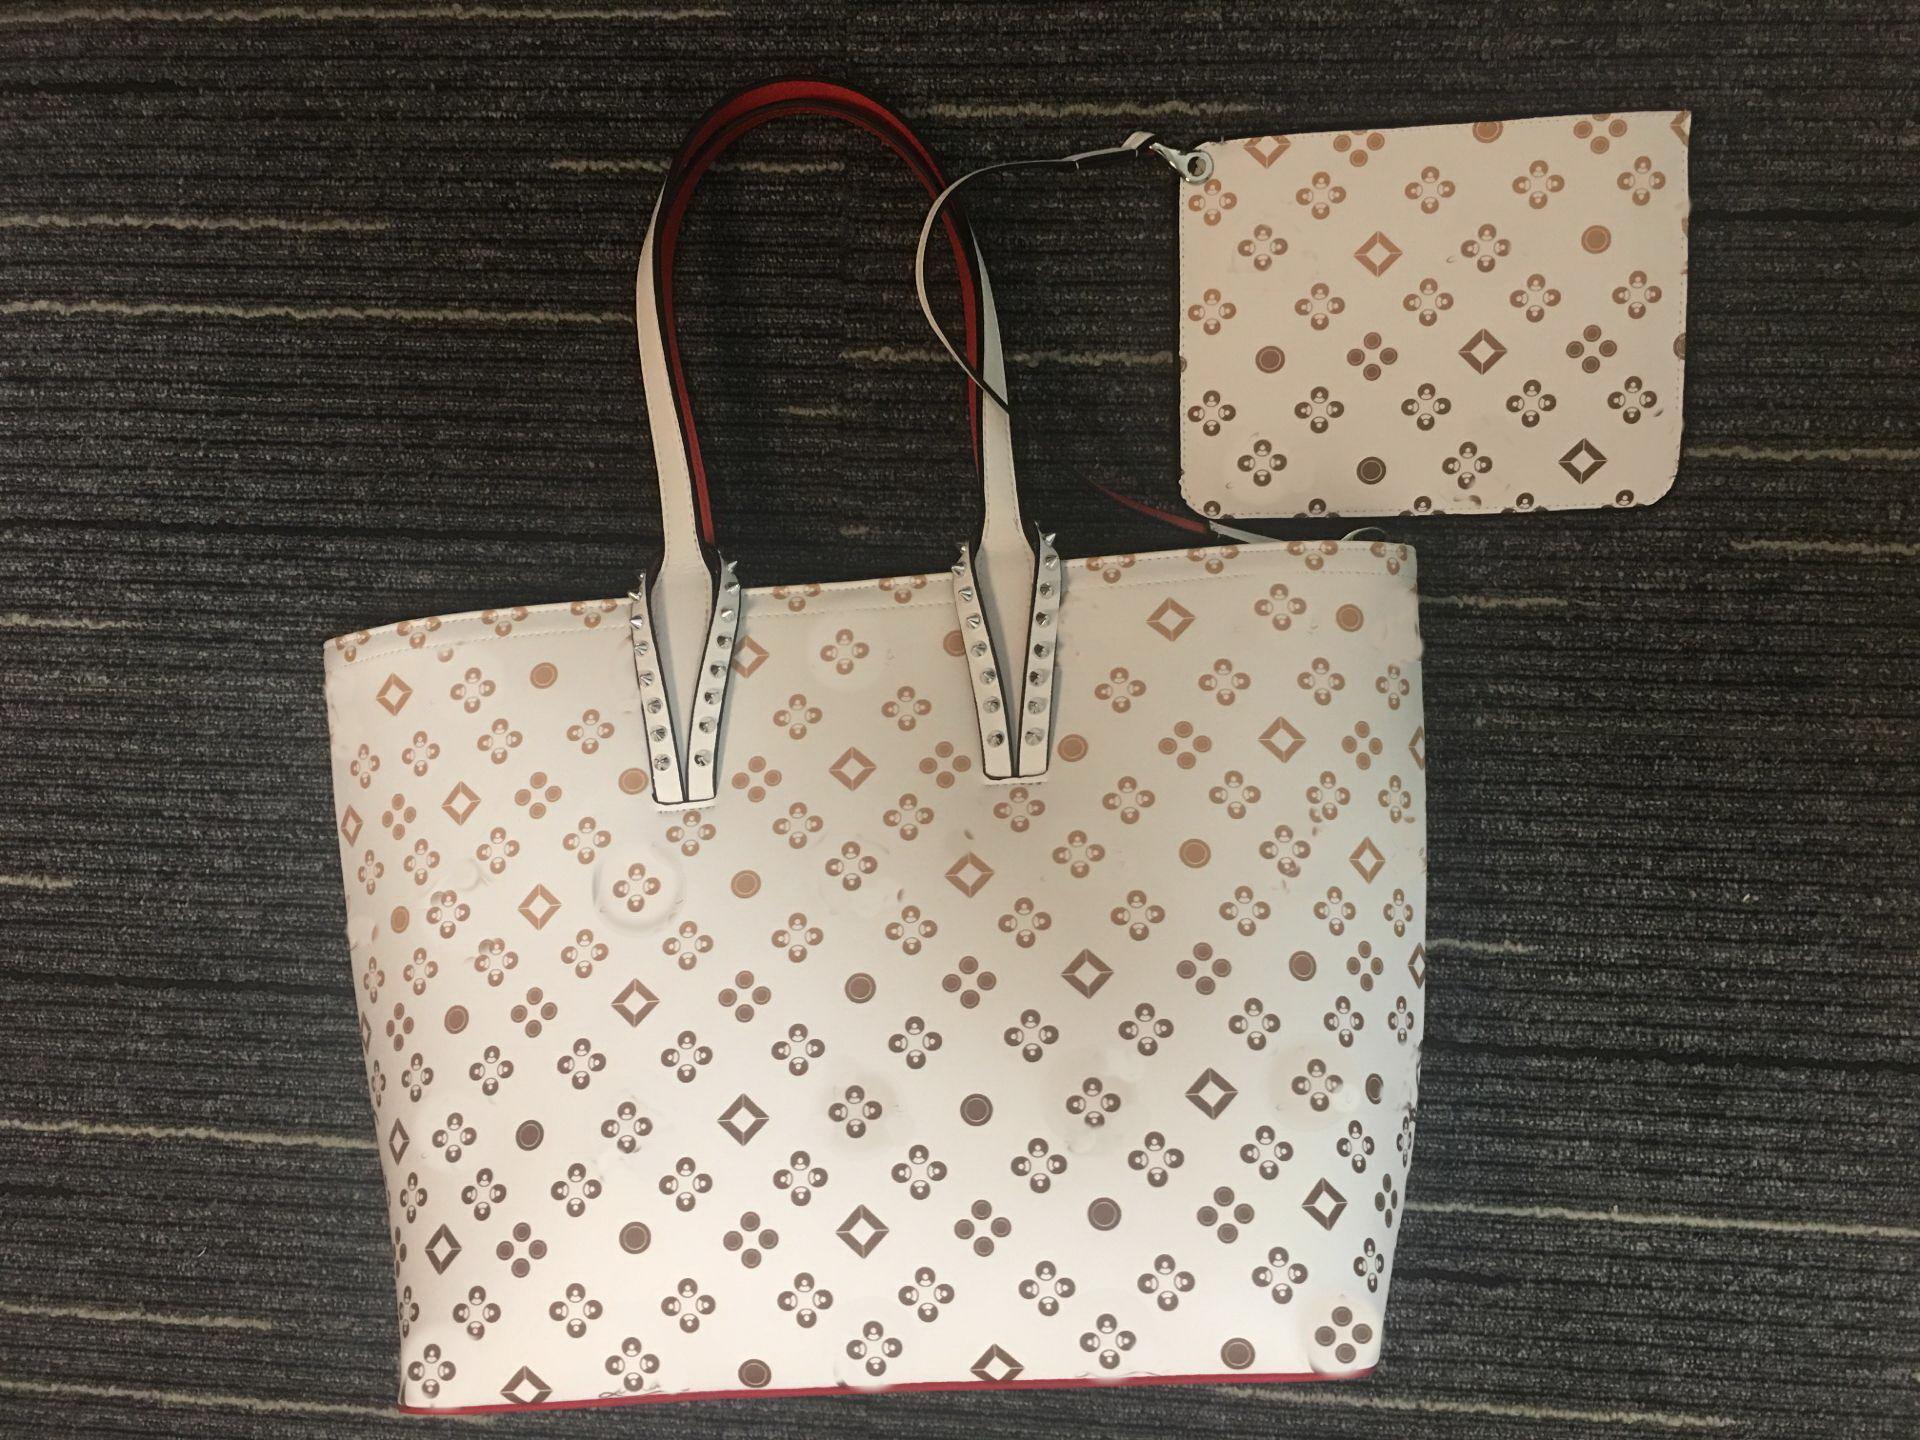 Impresión mixta Mujeres grandes bolsas de compras para las señoras Moda compuesta de mano de calidad superior de la bolsa de cuero genuino de la bolsa